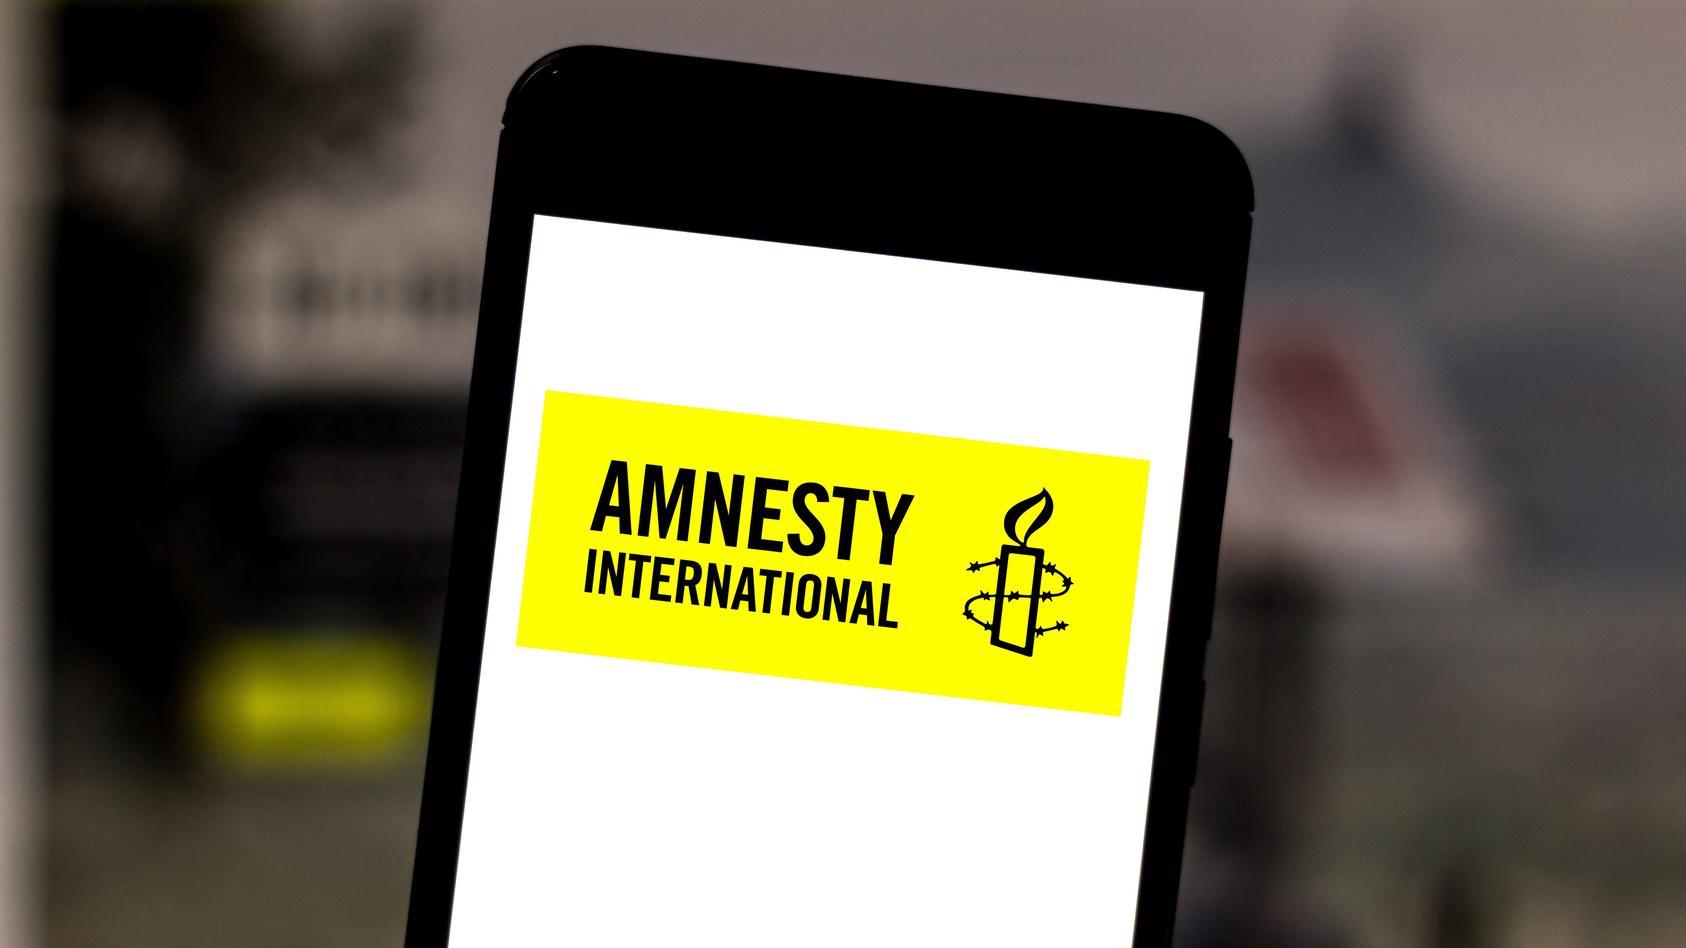 Logo der Organisation Amnesty International auf einem auf einem Smartphone.